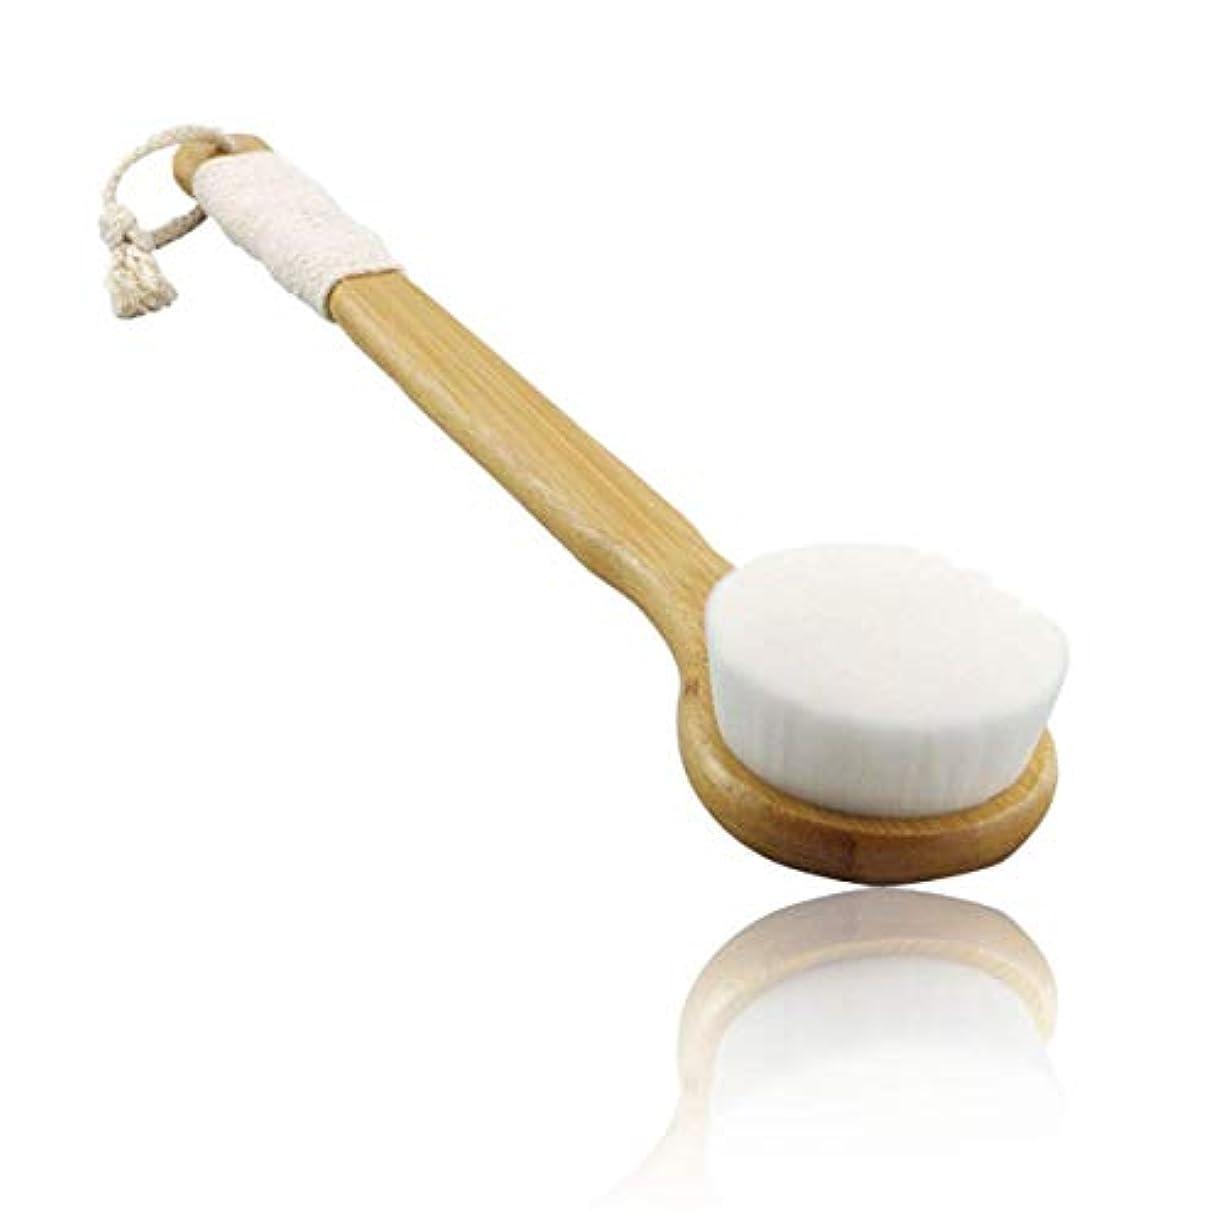 セッション淡いロデオFelimoa ボディースポンジ 洗顔ブラシ 竹製長柄 やわらかボディブラシ 背中 毛穴 ボディ洗浄 (平面 白)